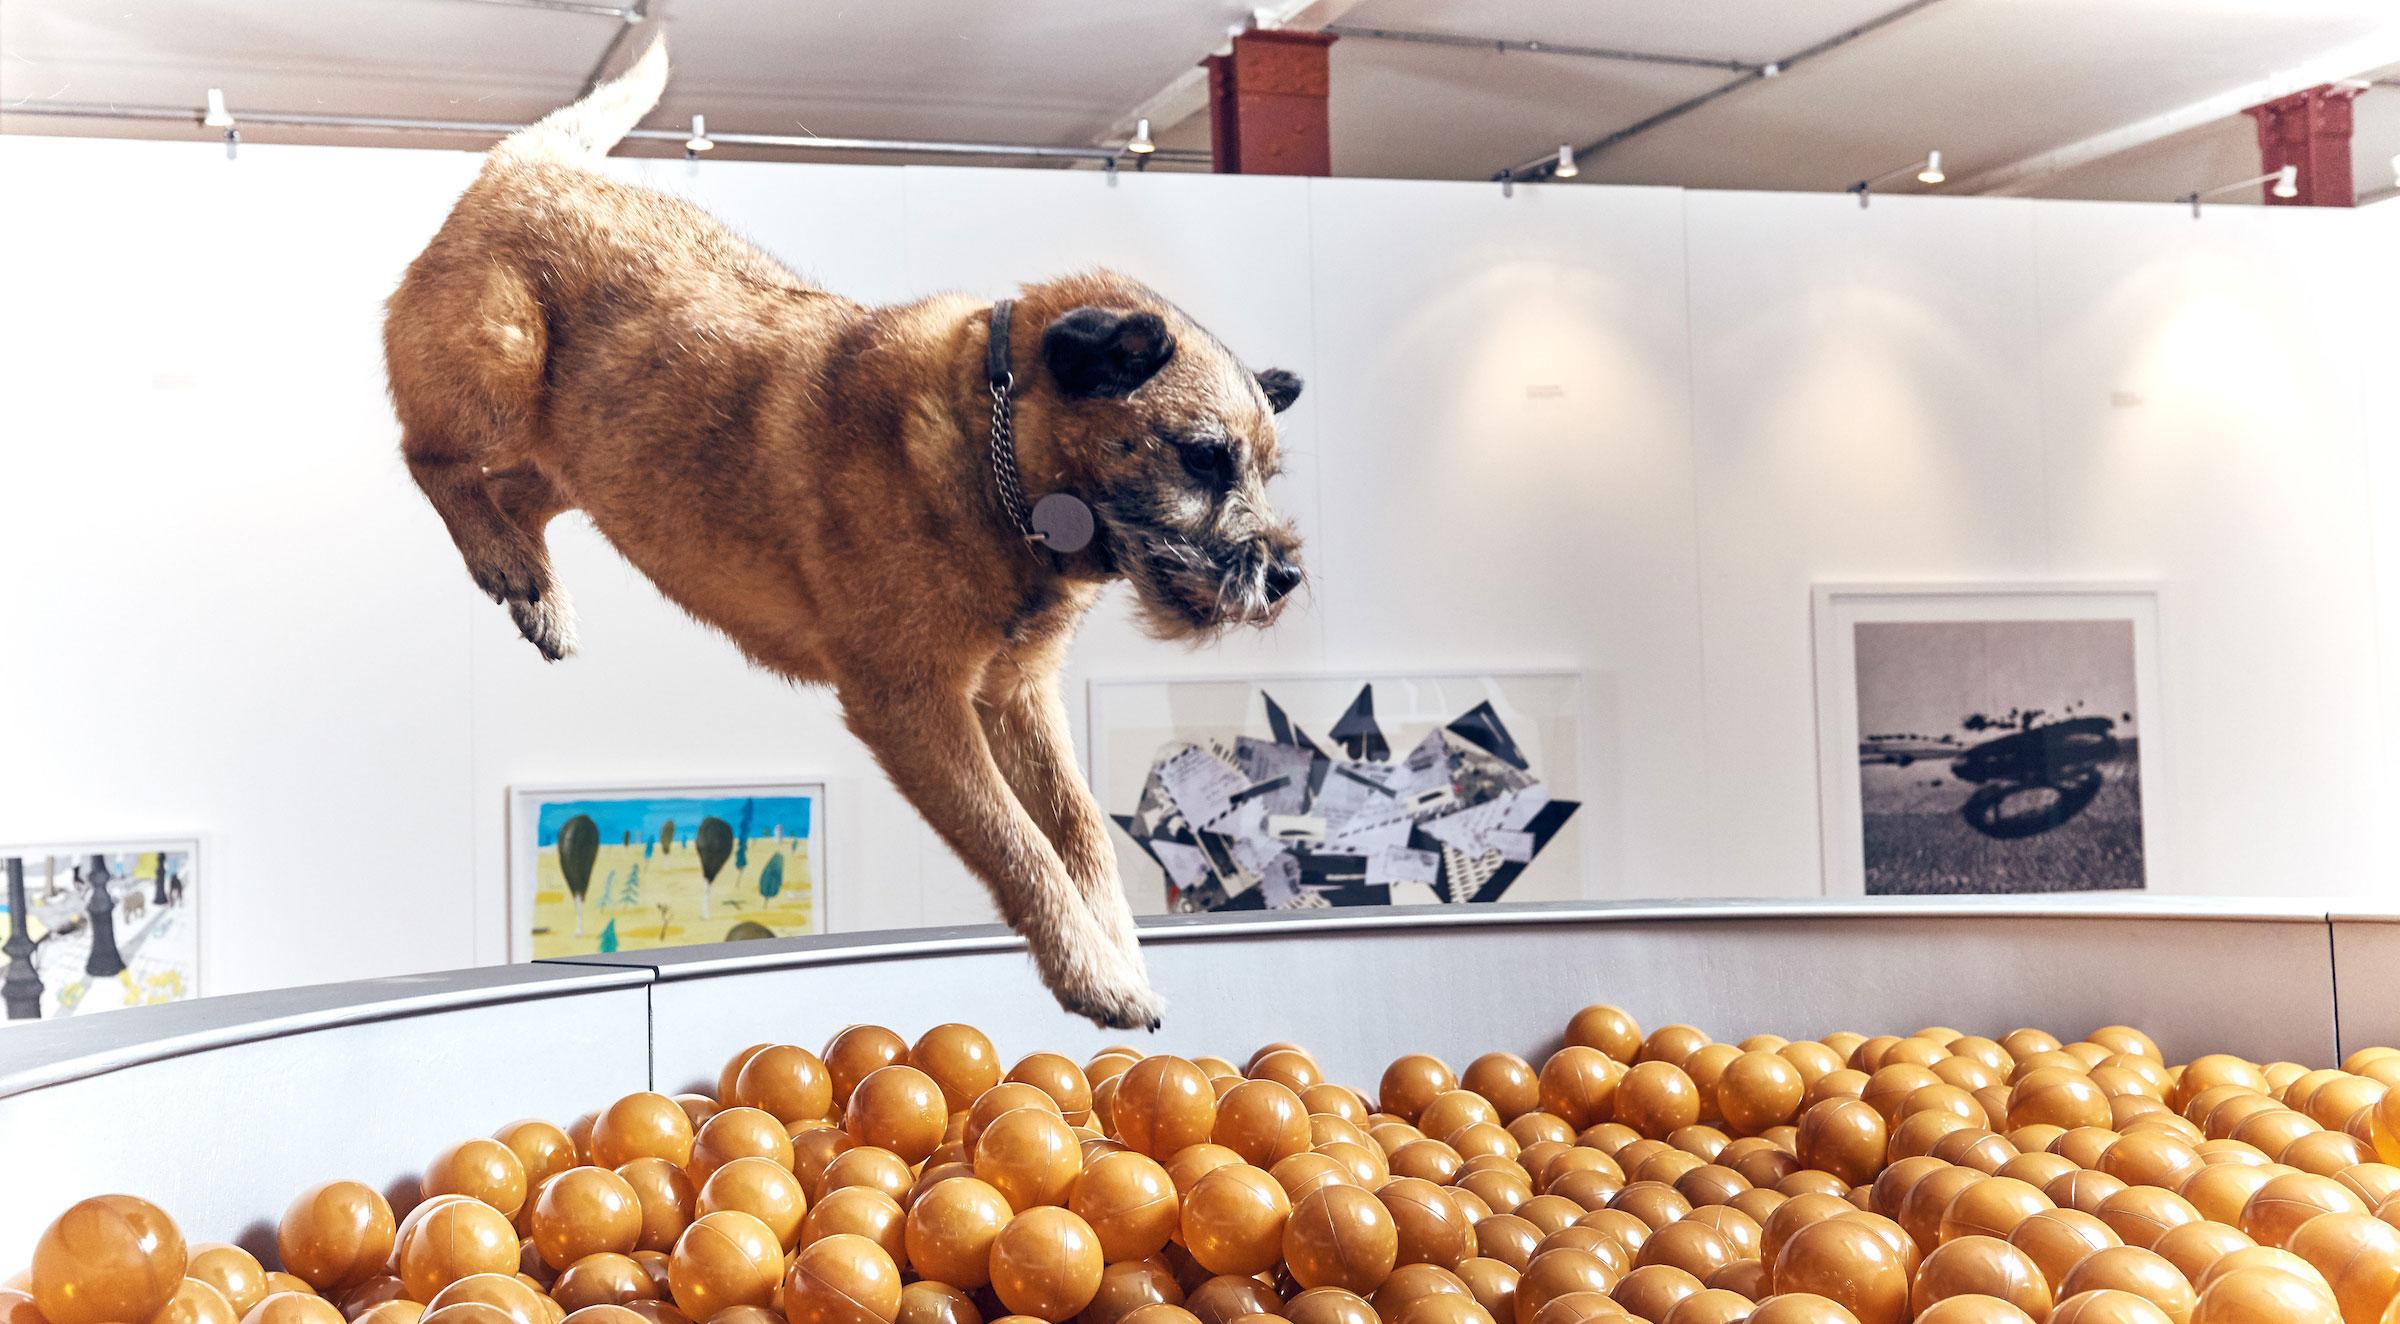 Bei der Play-More-Ausstellung gibt es Bällebäder für Hunde